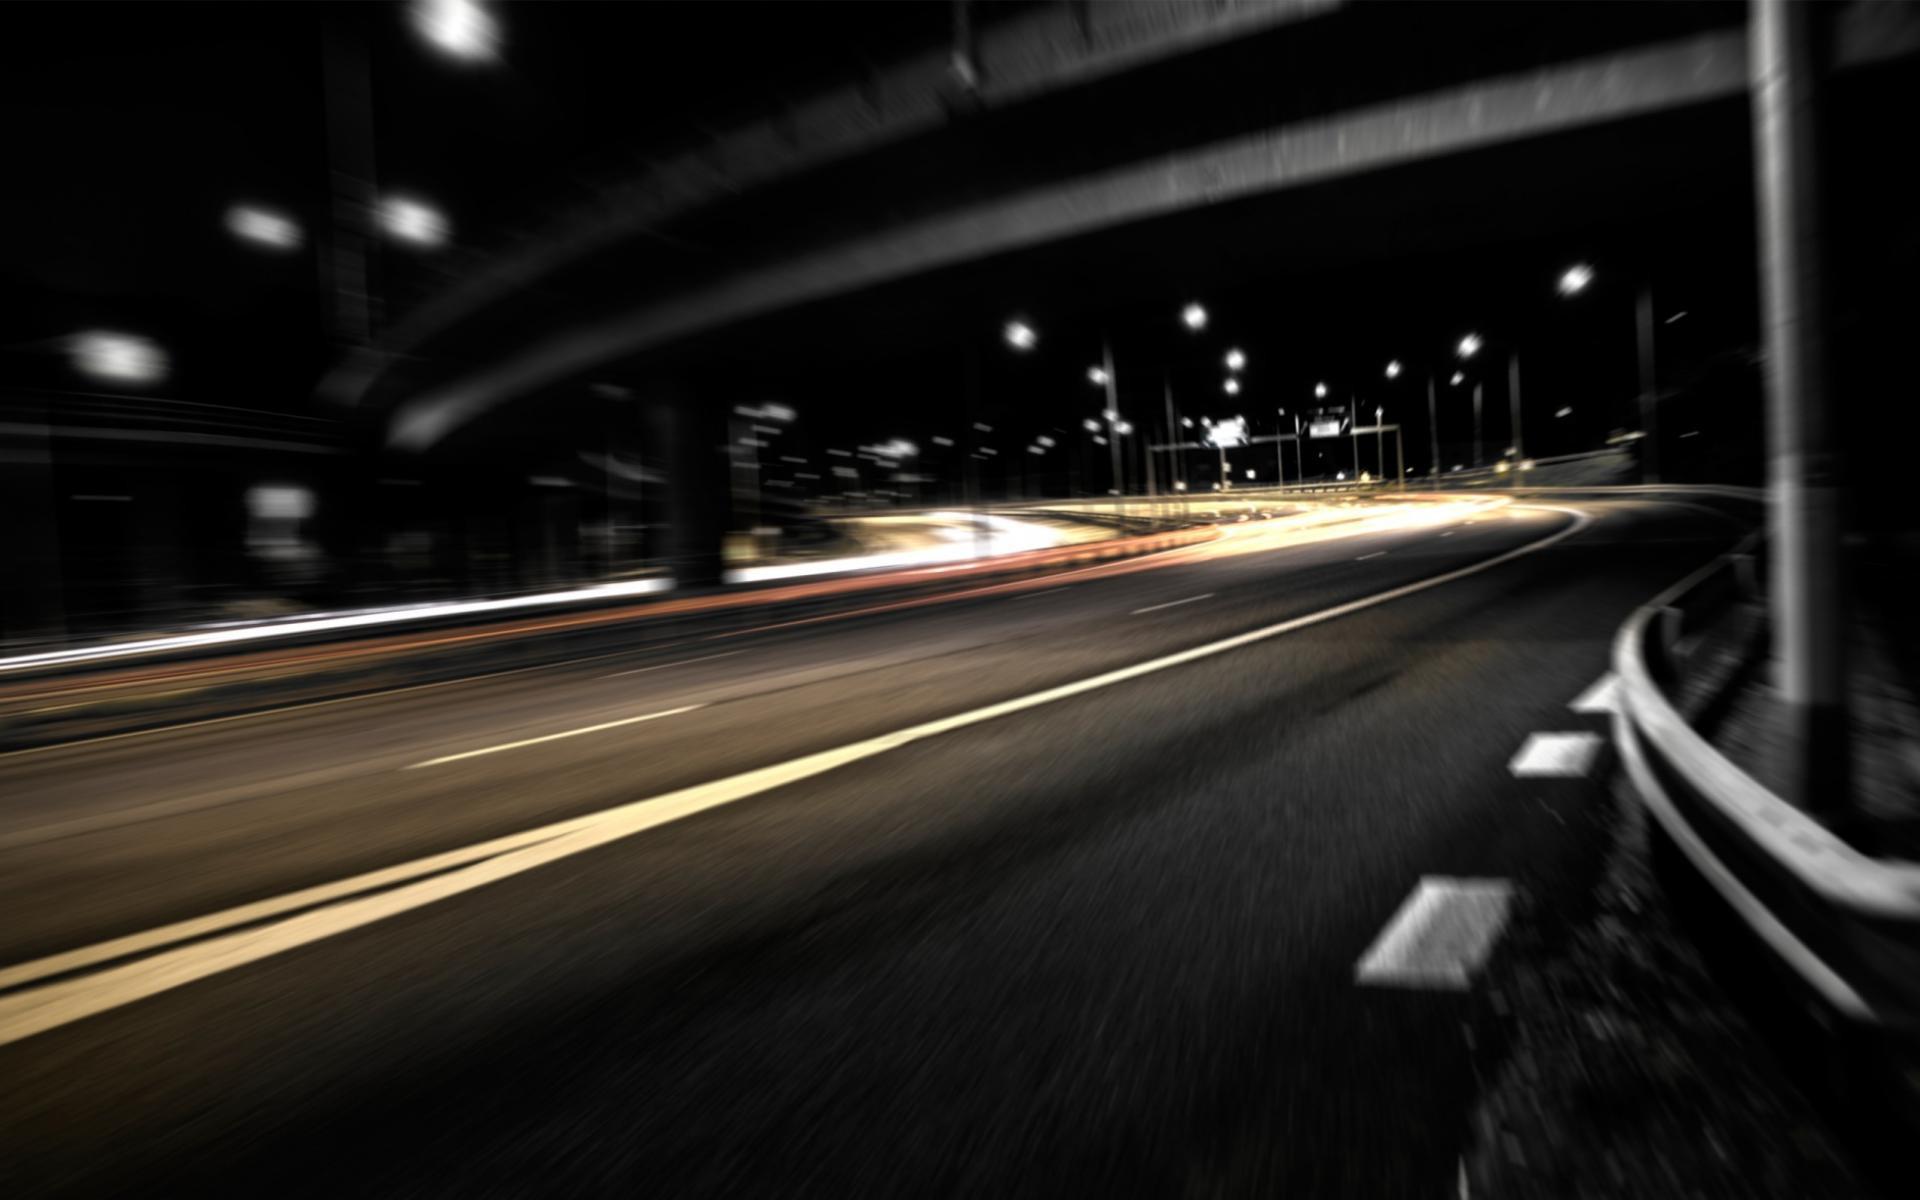 КоДню города вОмске завершат асфальтирование неменее 30 улиц